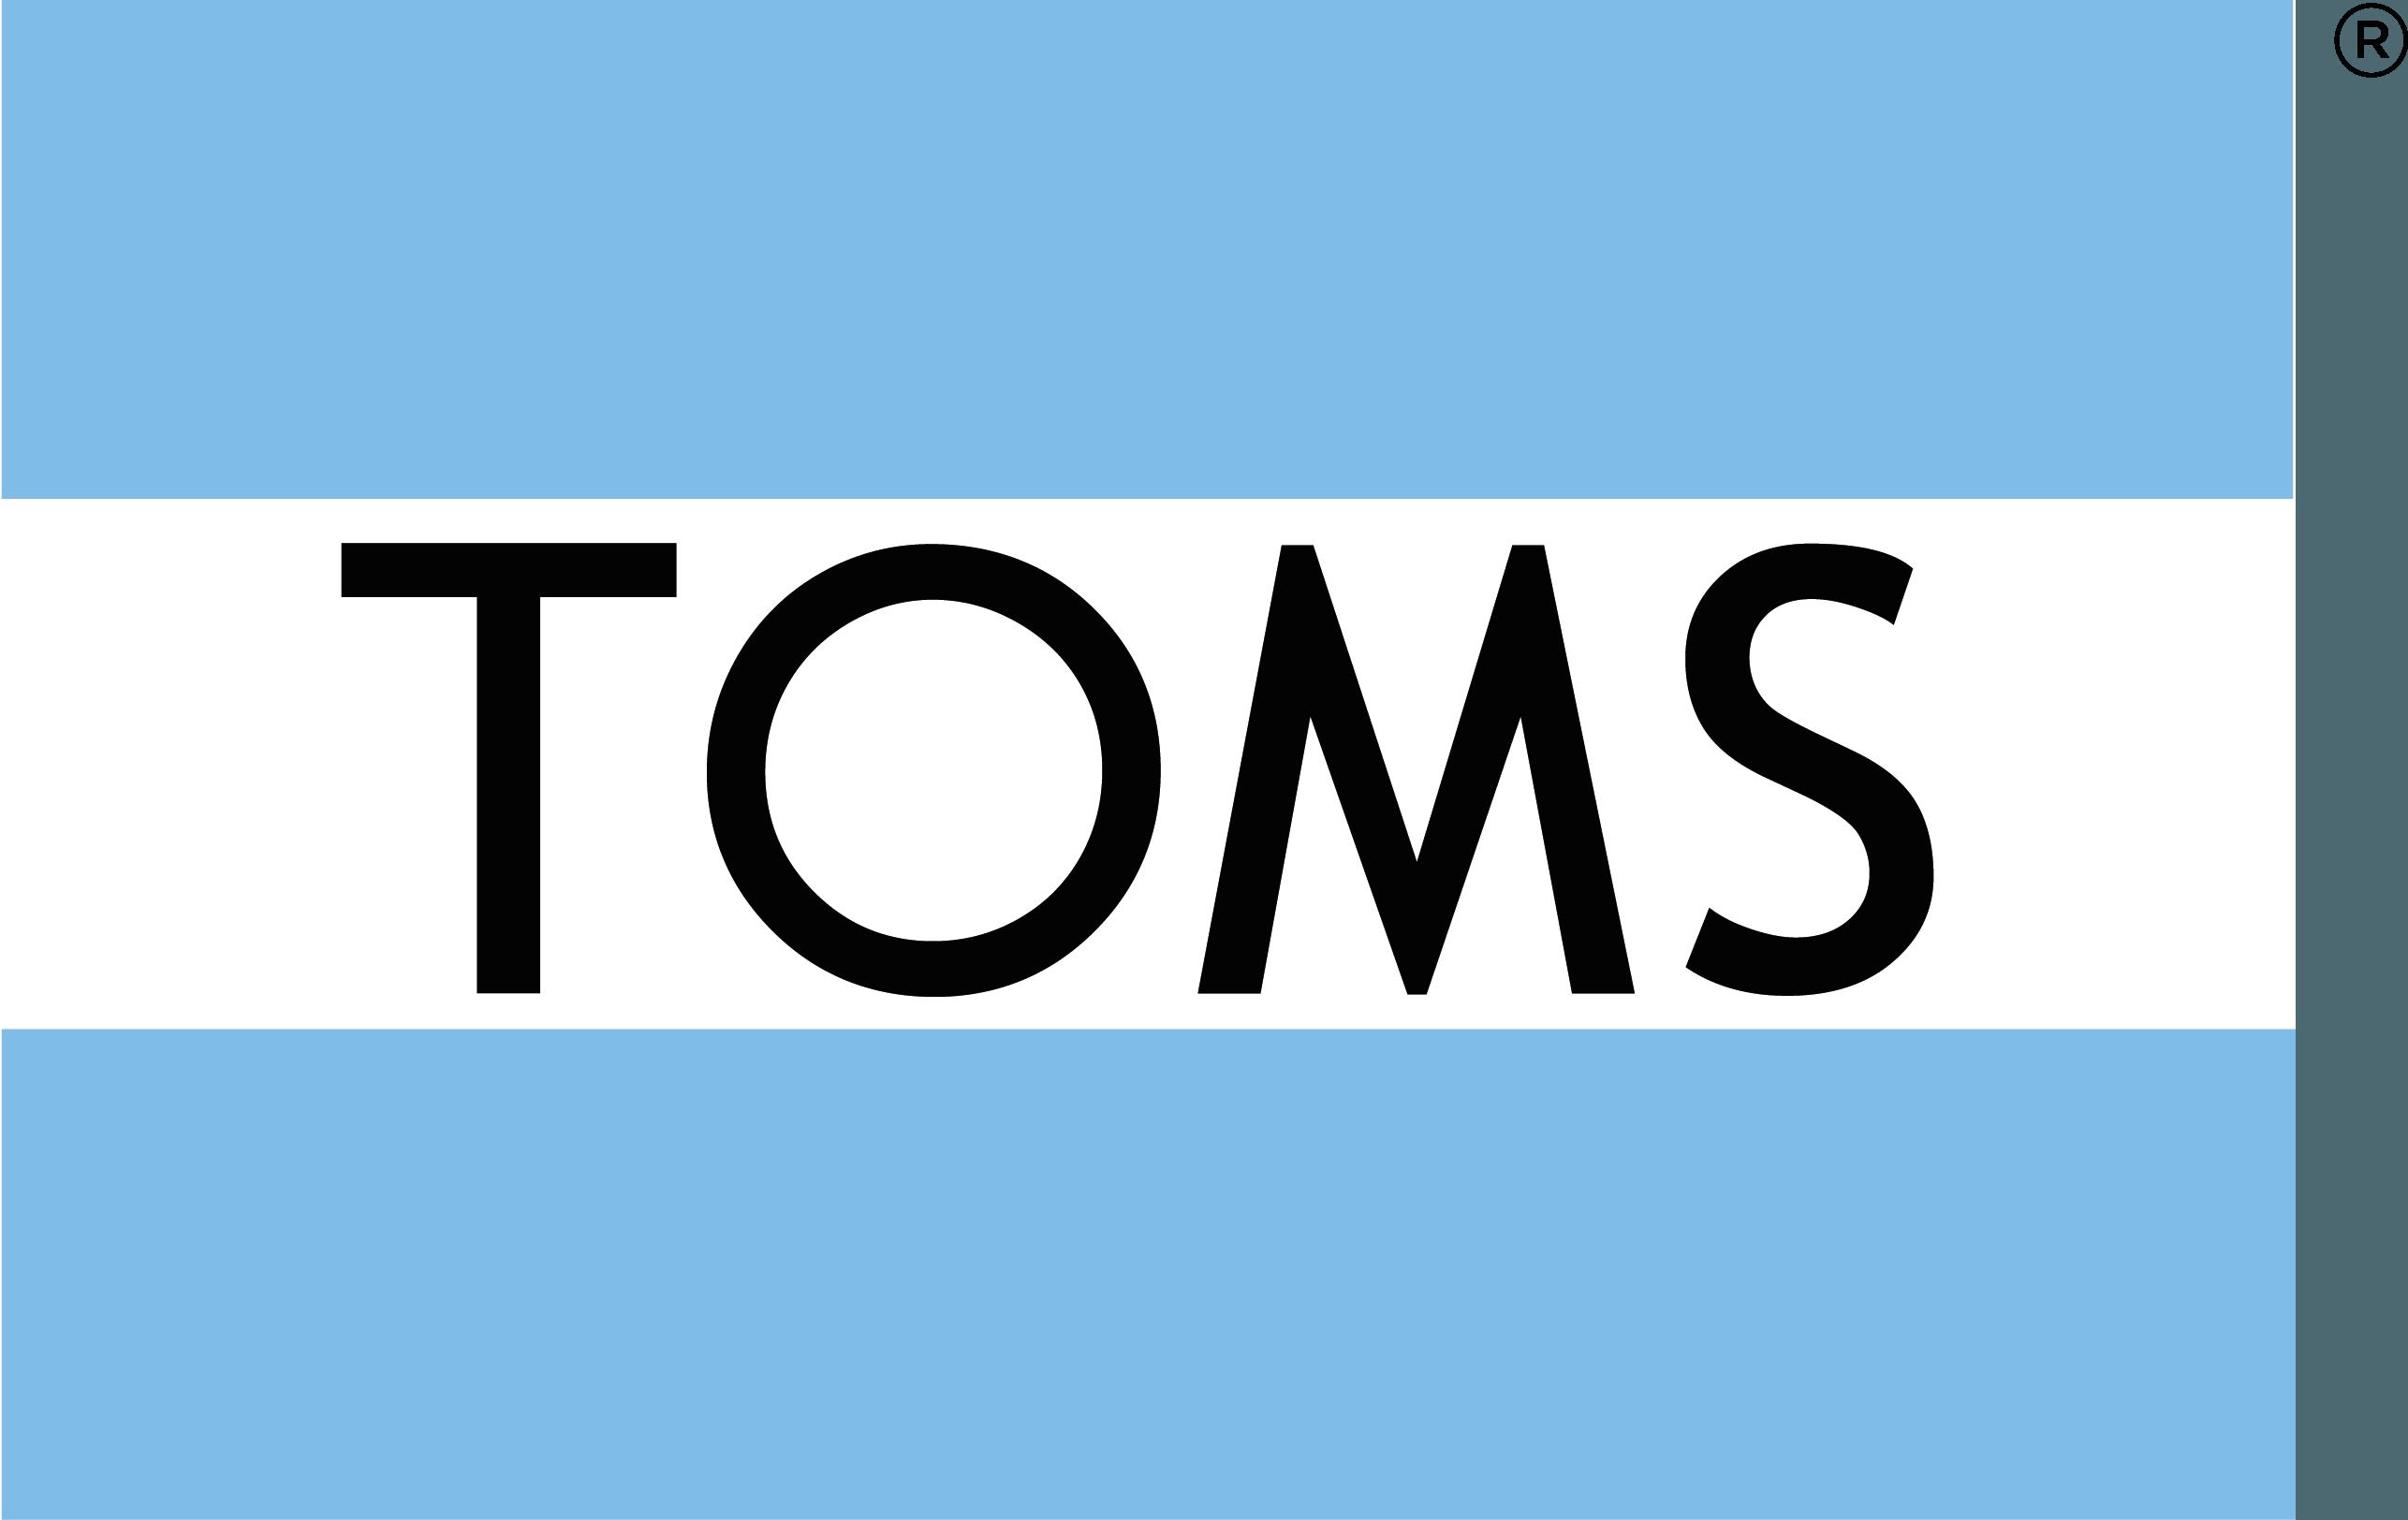 toms shoes logo pngampsvg download logo icons clipart